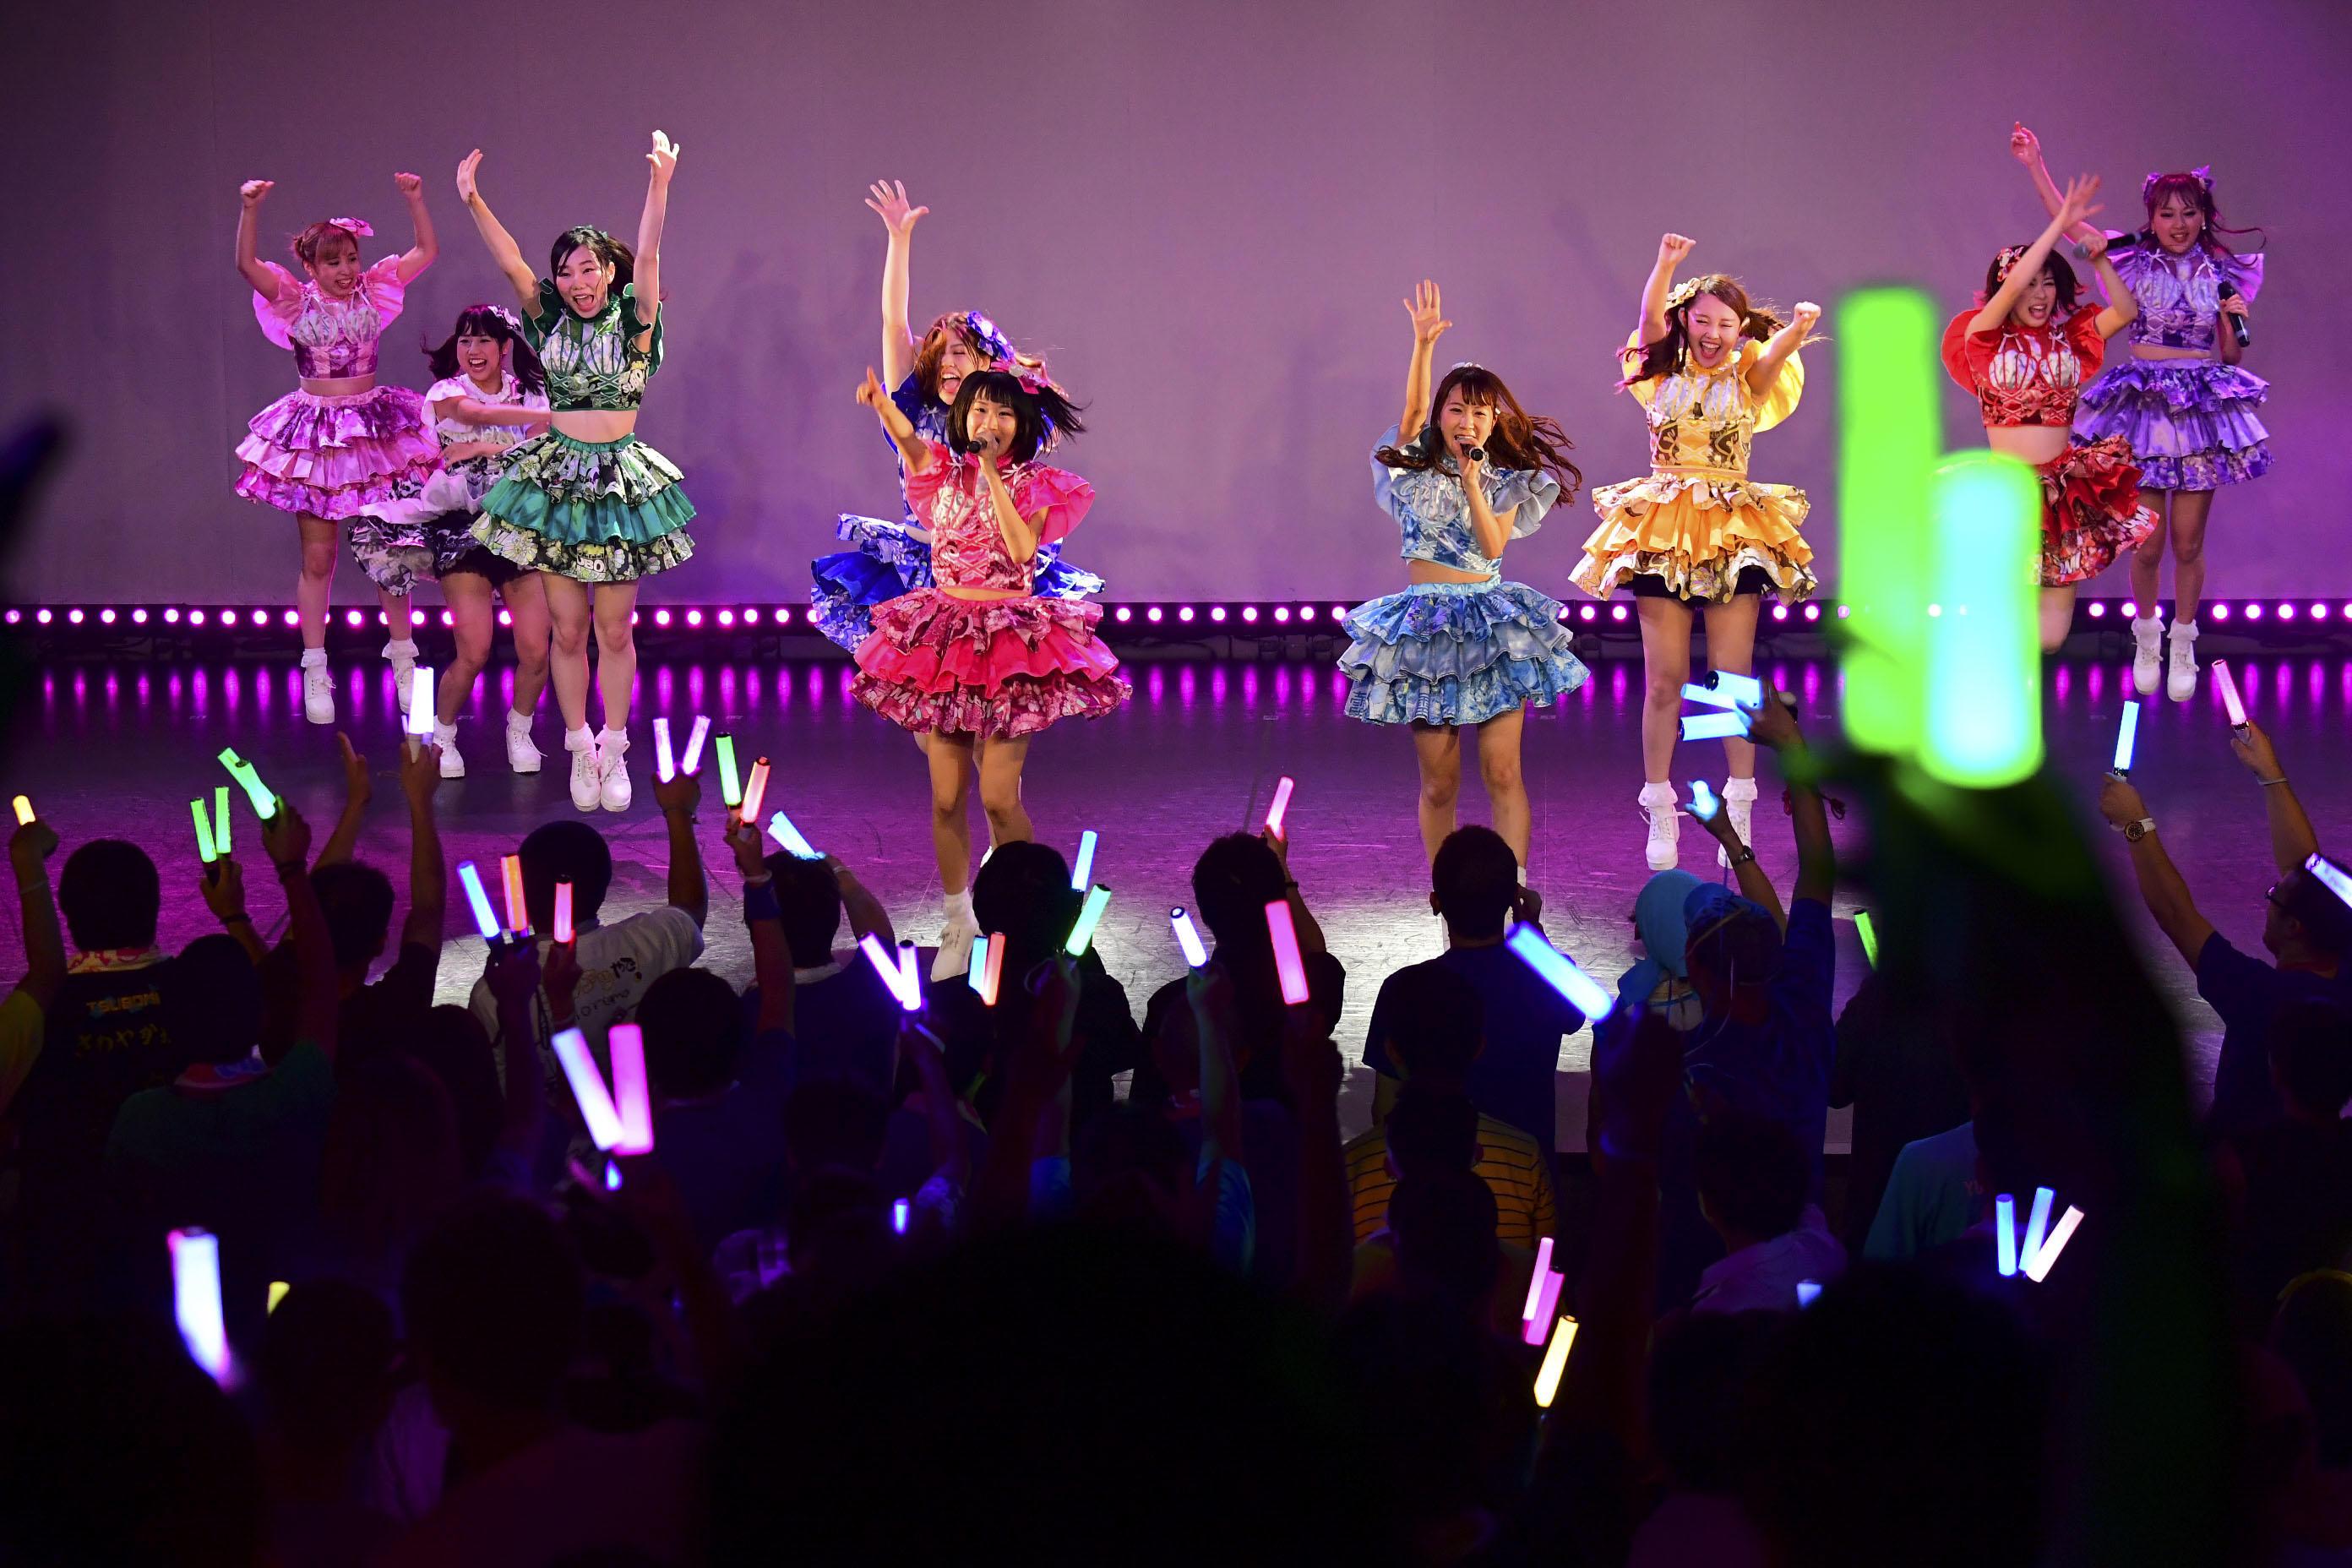 http://news.yoshimoto.co.jp/20170911120825-52c6736cd1af25f590077a1d909e89ae659bce86.jpg